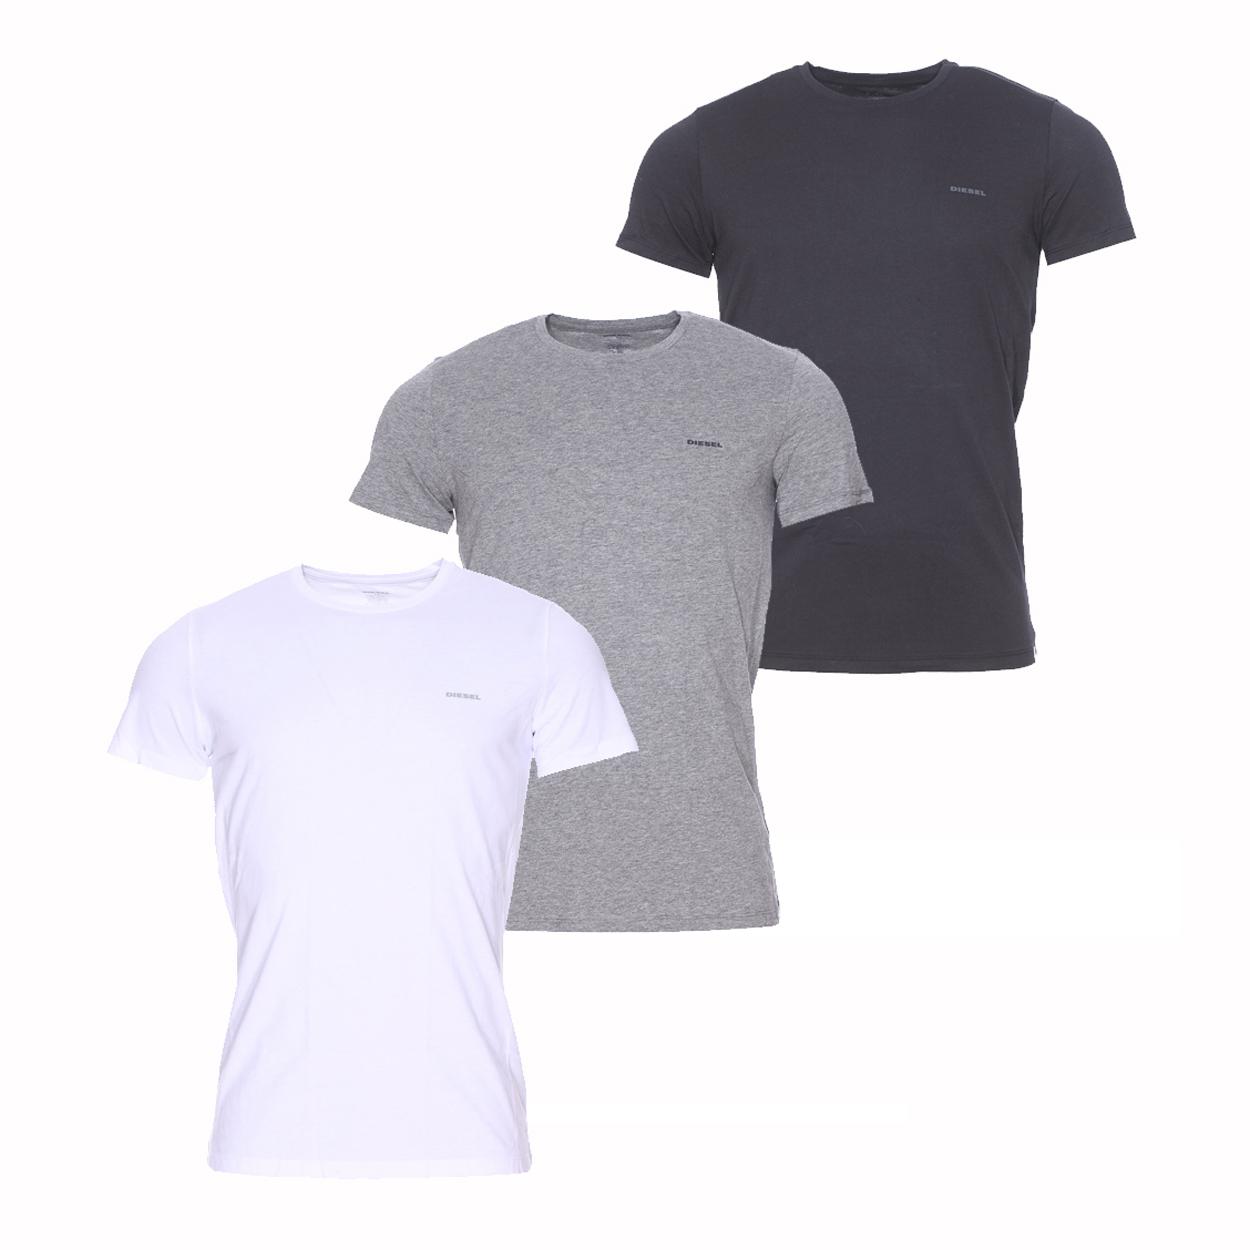 Lot de 3 tee-shirts col rond diesel blanc, gris,et noir